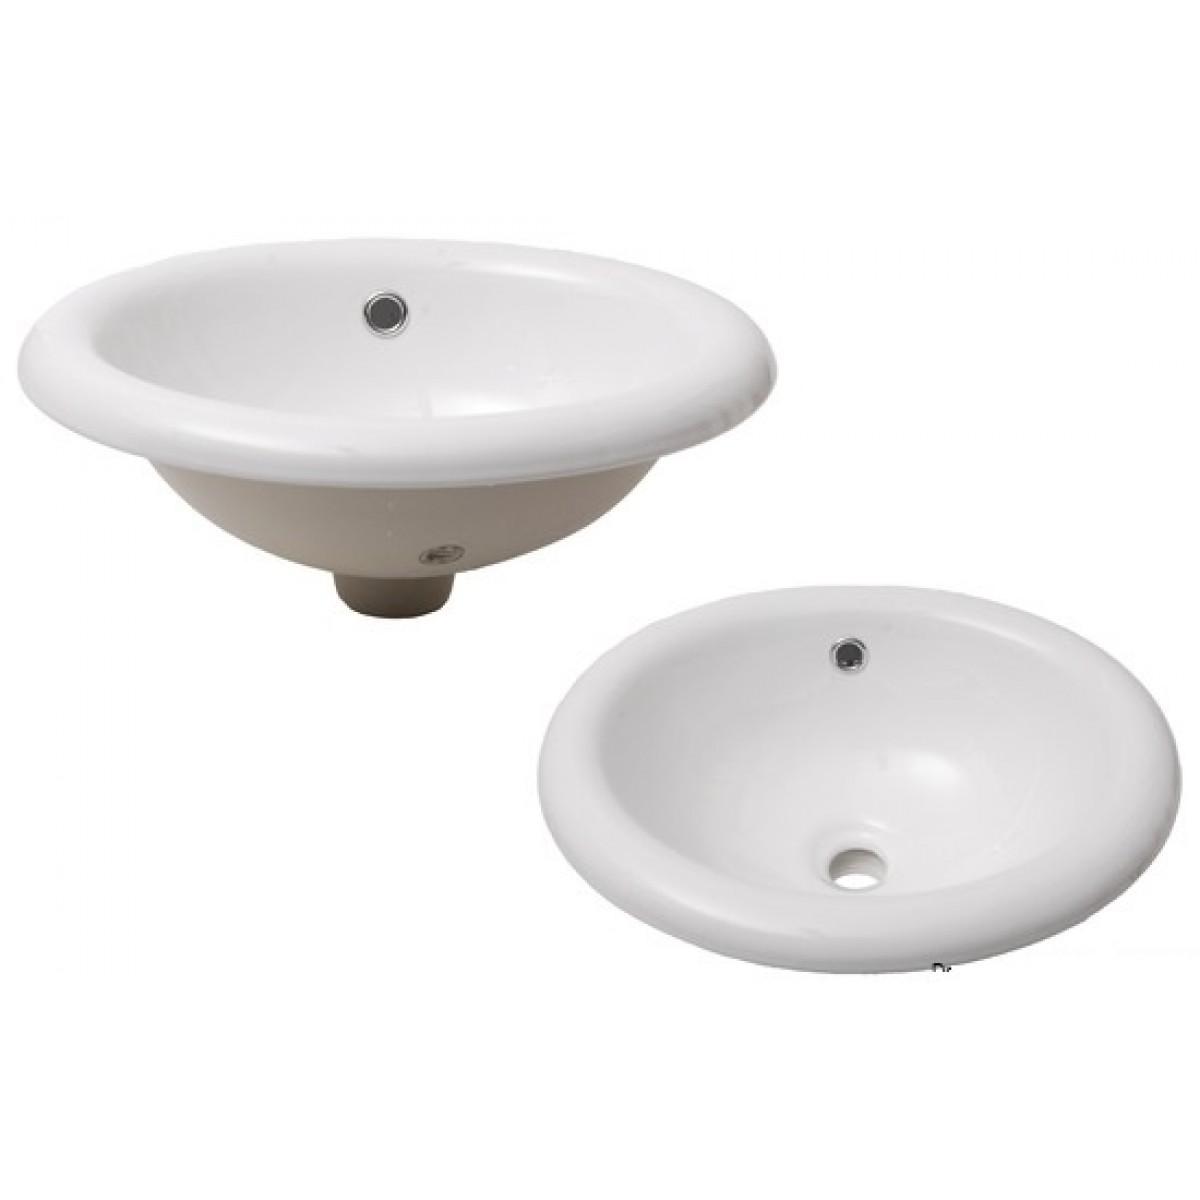 Lavello ovale in ceramica bianca   montaggio in appoggio   lavelli ...